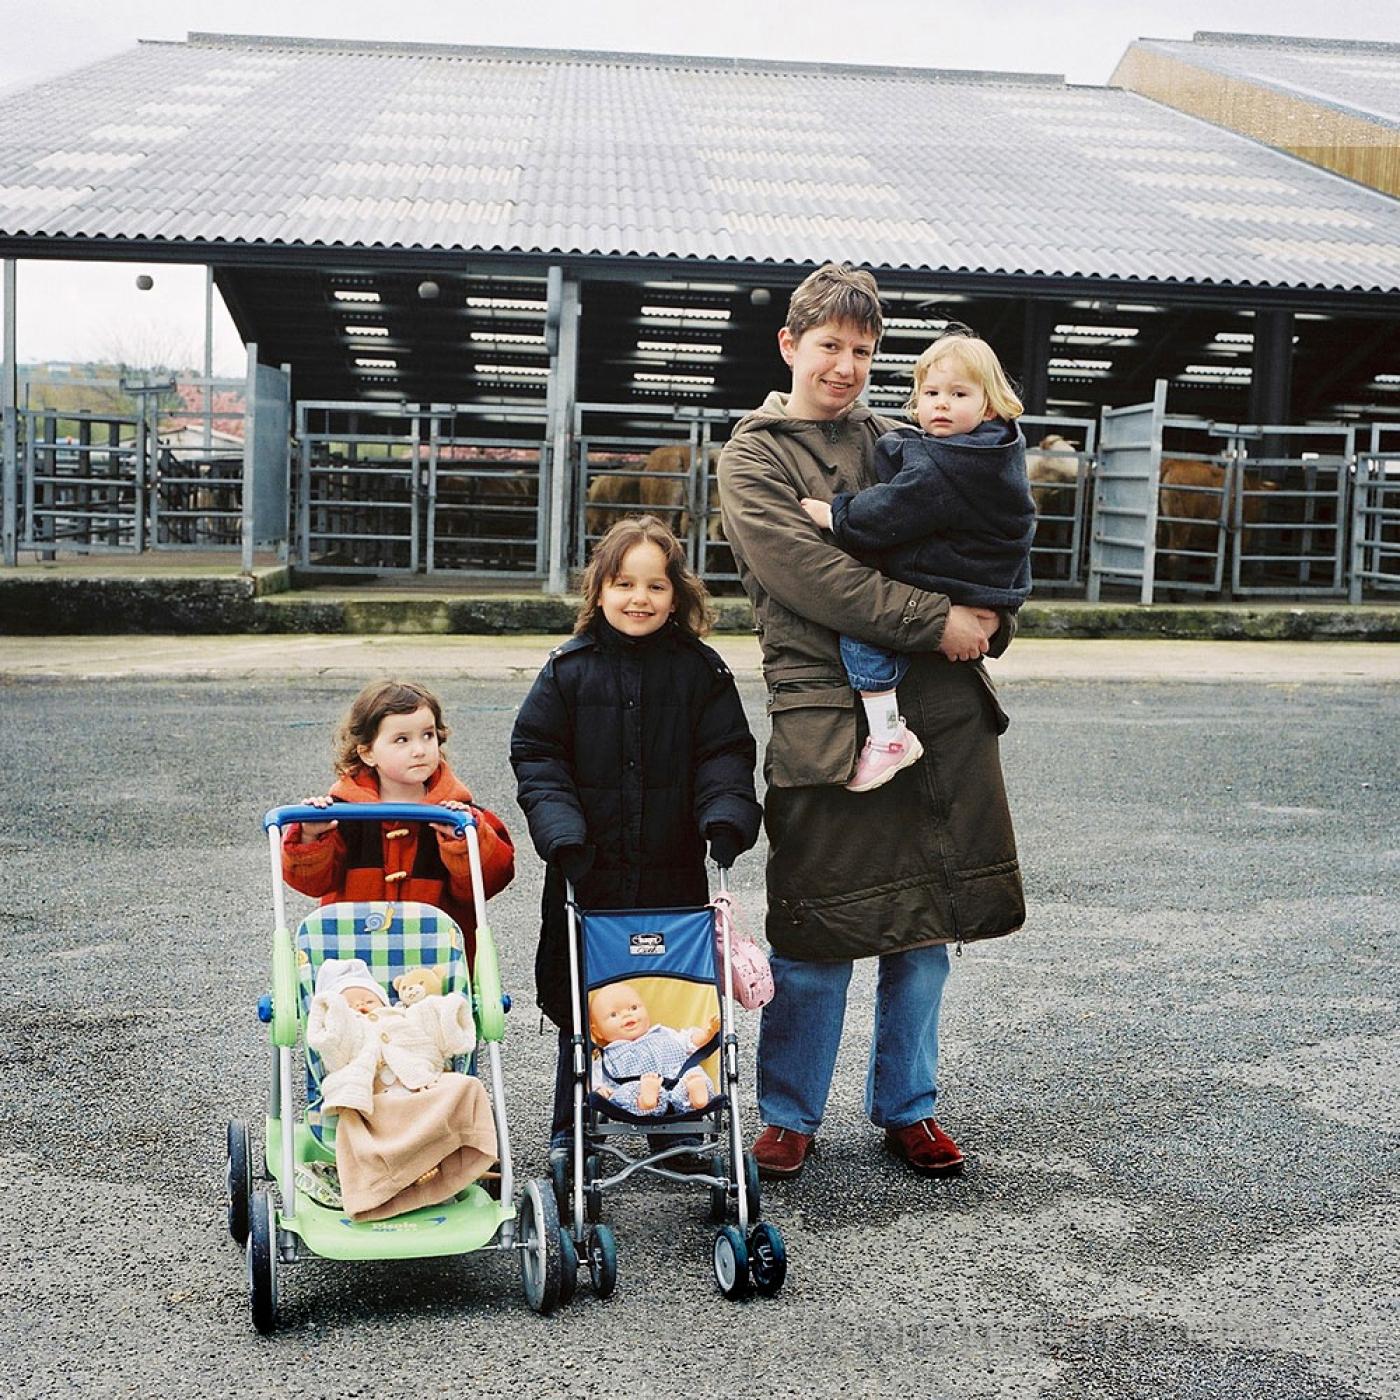 https://www.ericmalemanche.com/imagess/topics/les-bretons-de-l-argoat/liste/familles-bretonnes-portraits.jpg